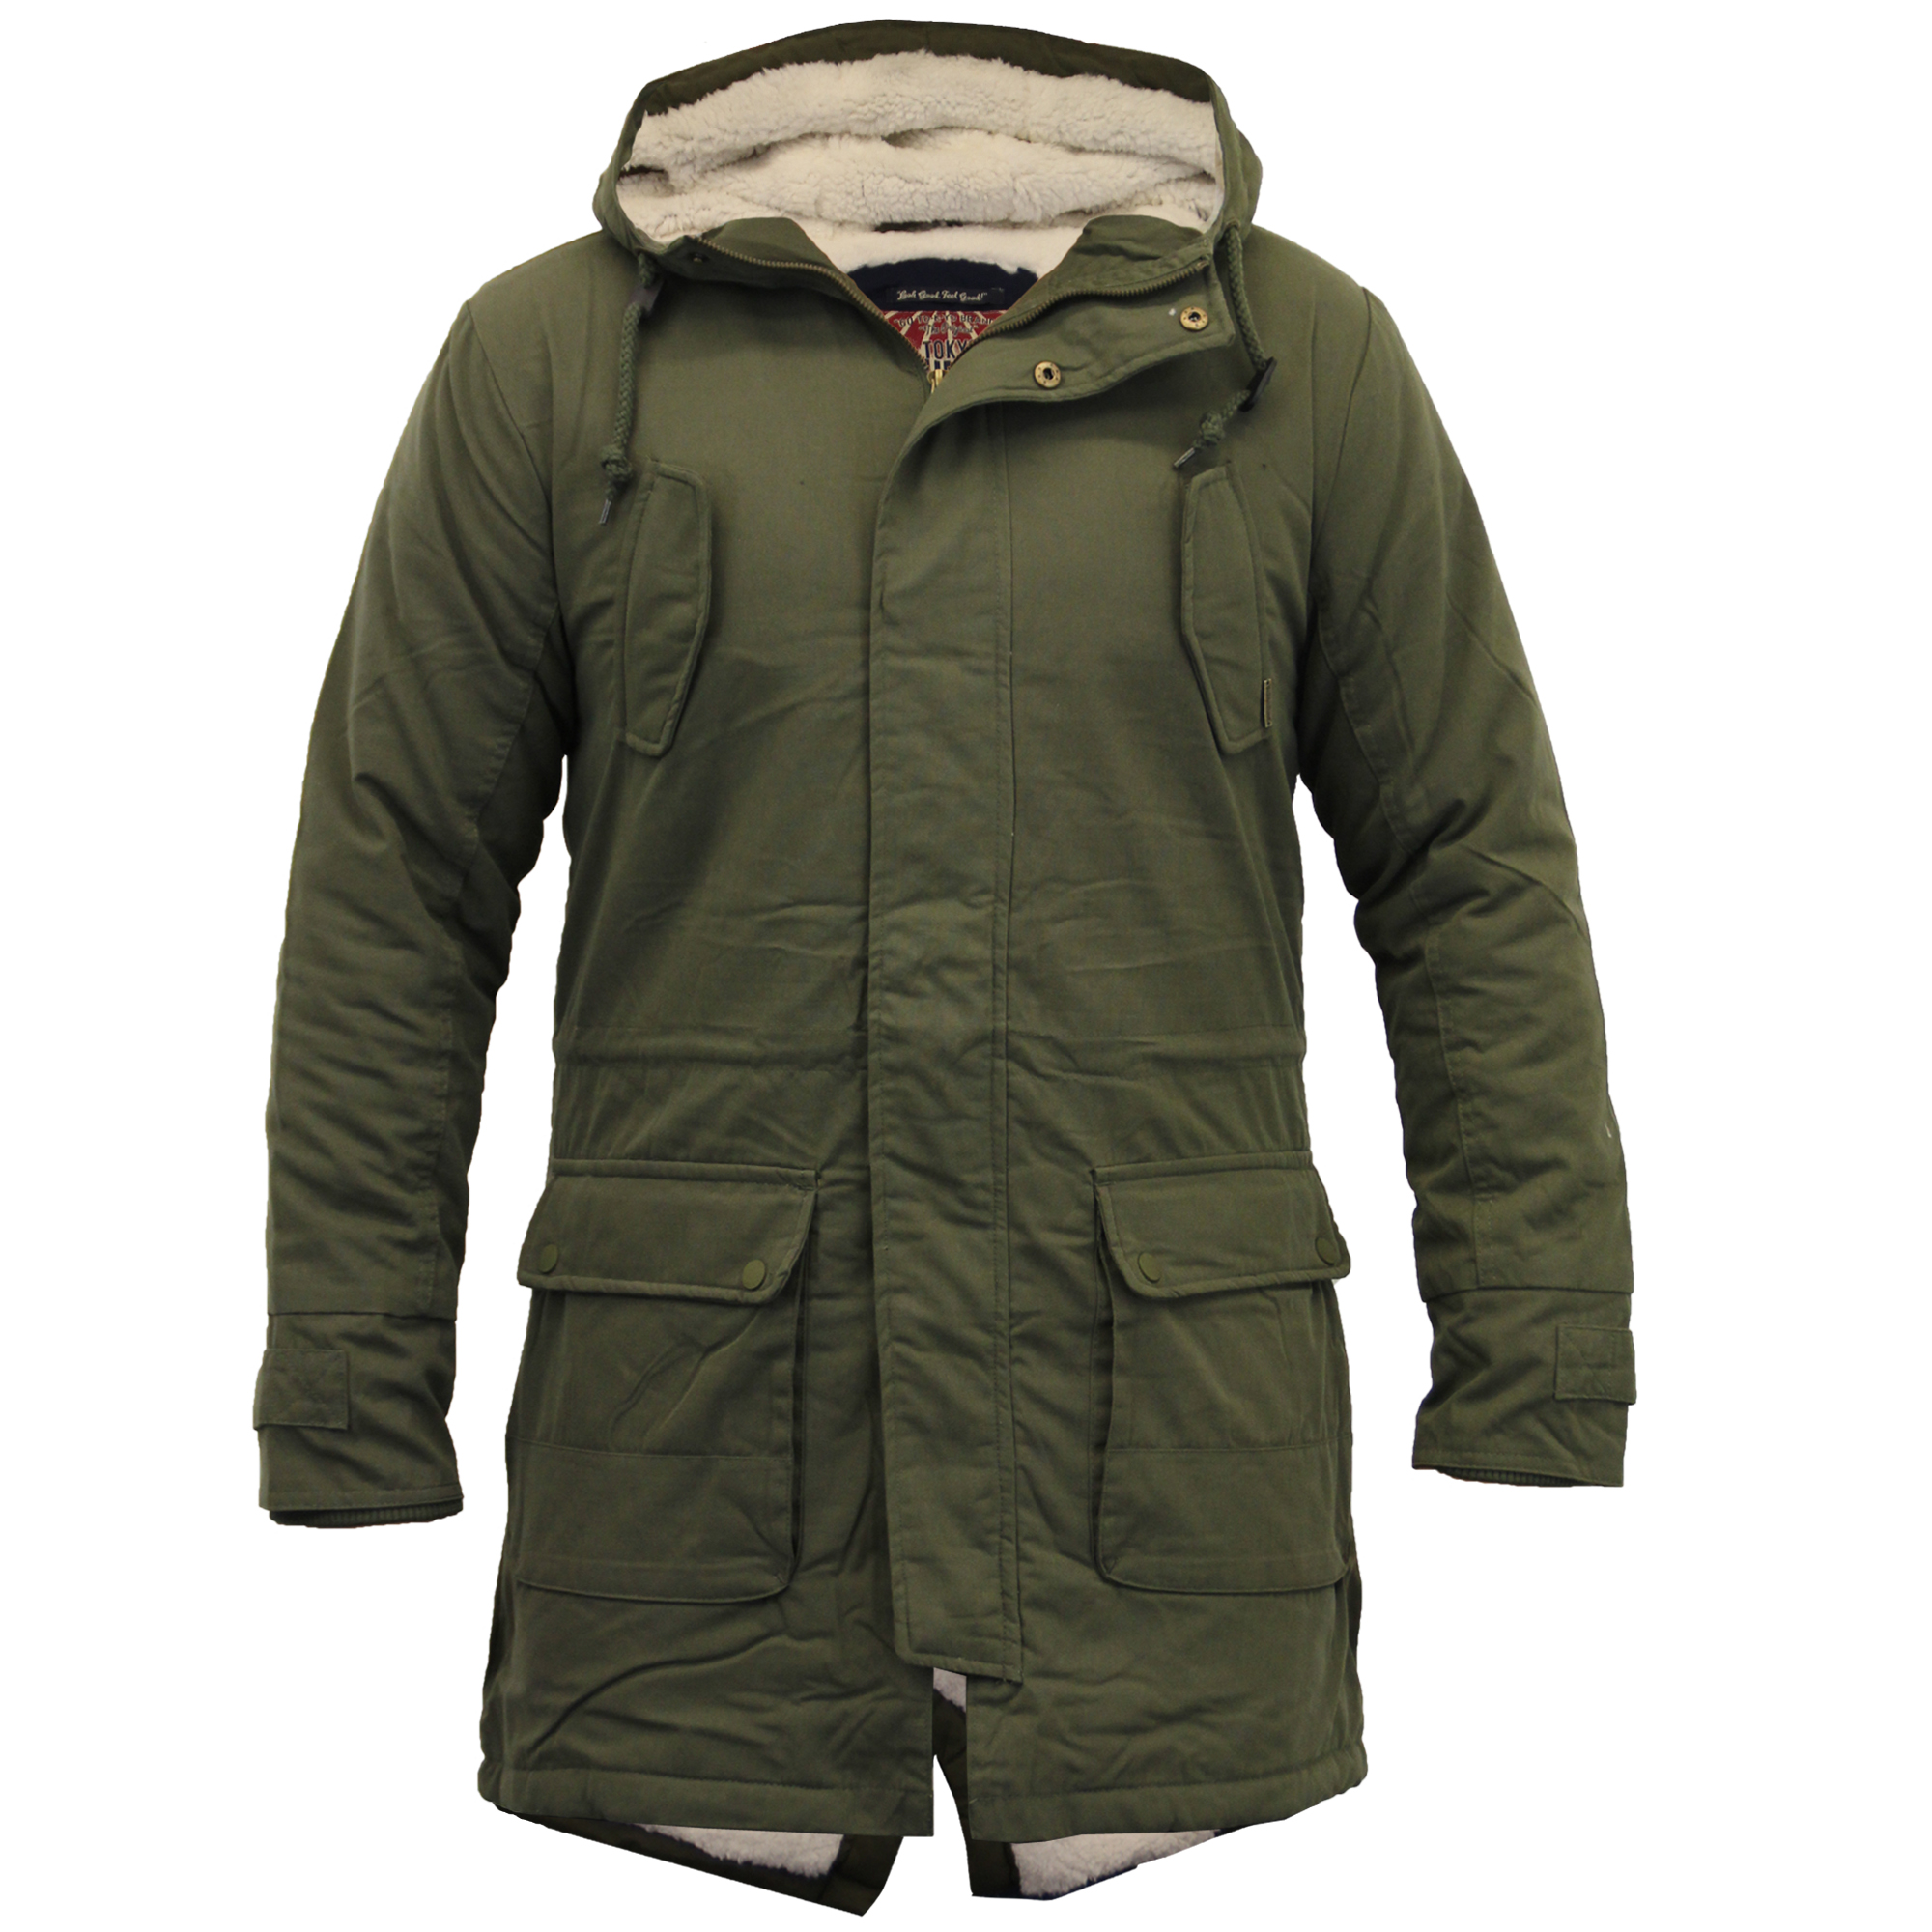 mens jacket tokyo laundry parka coat hooded sherpa lined. Black Bedroom Furniture Sets. Home Design Ideas